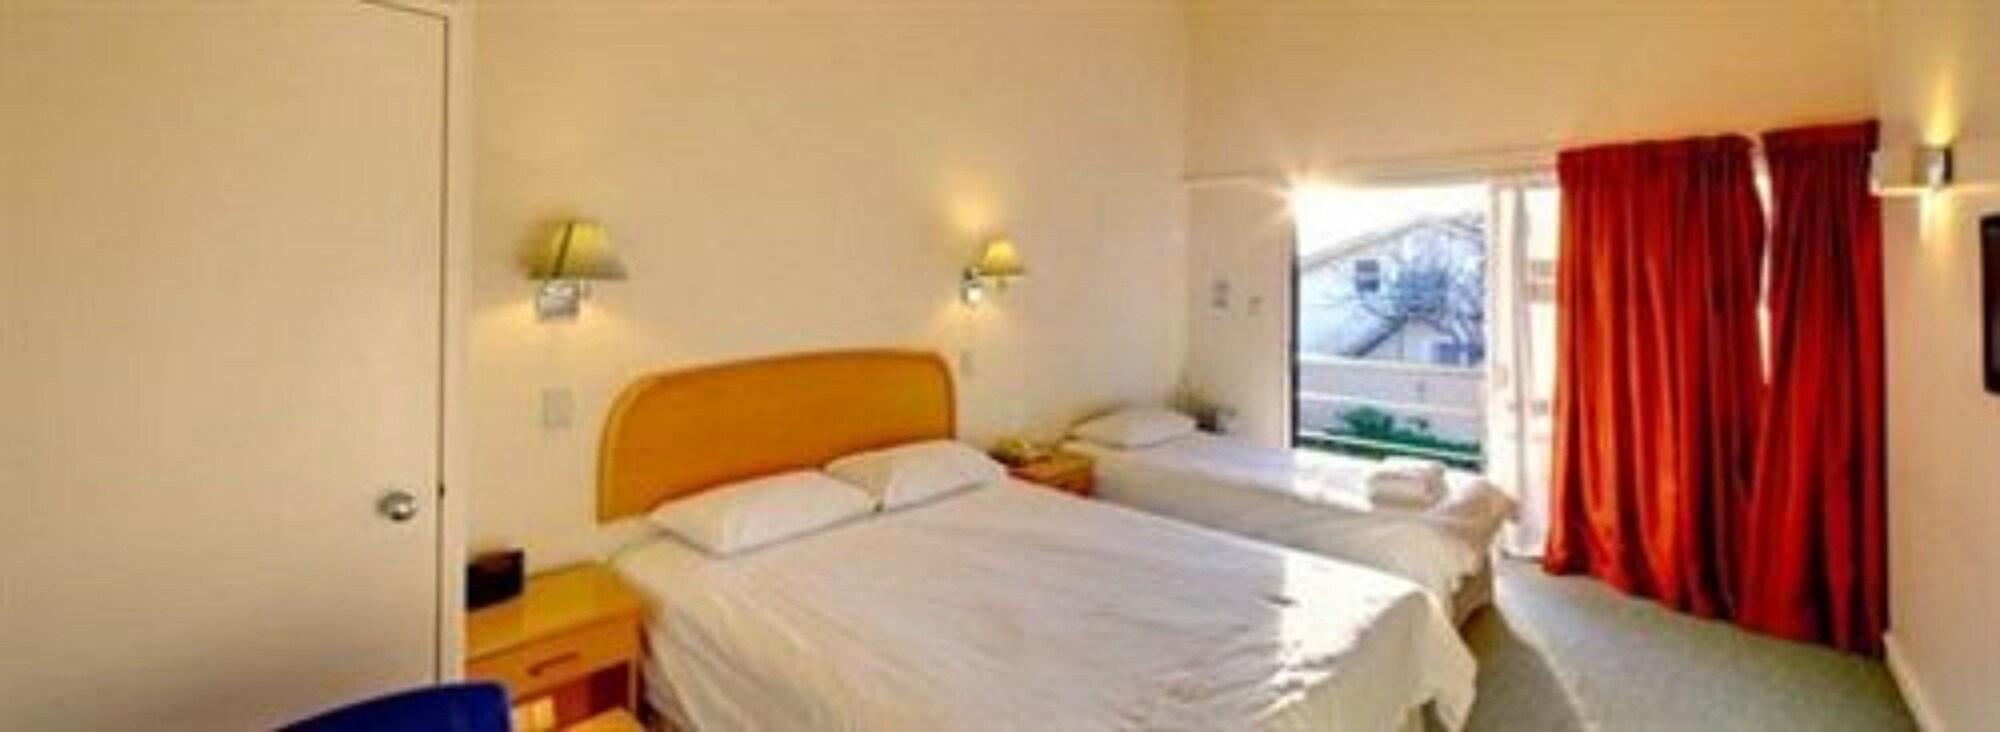 Rayland Epsom Motel, Waitakere